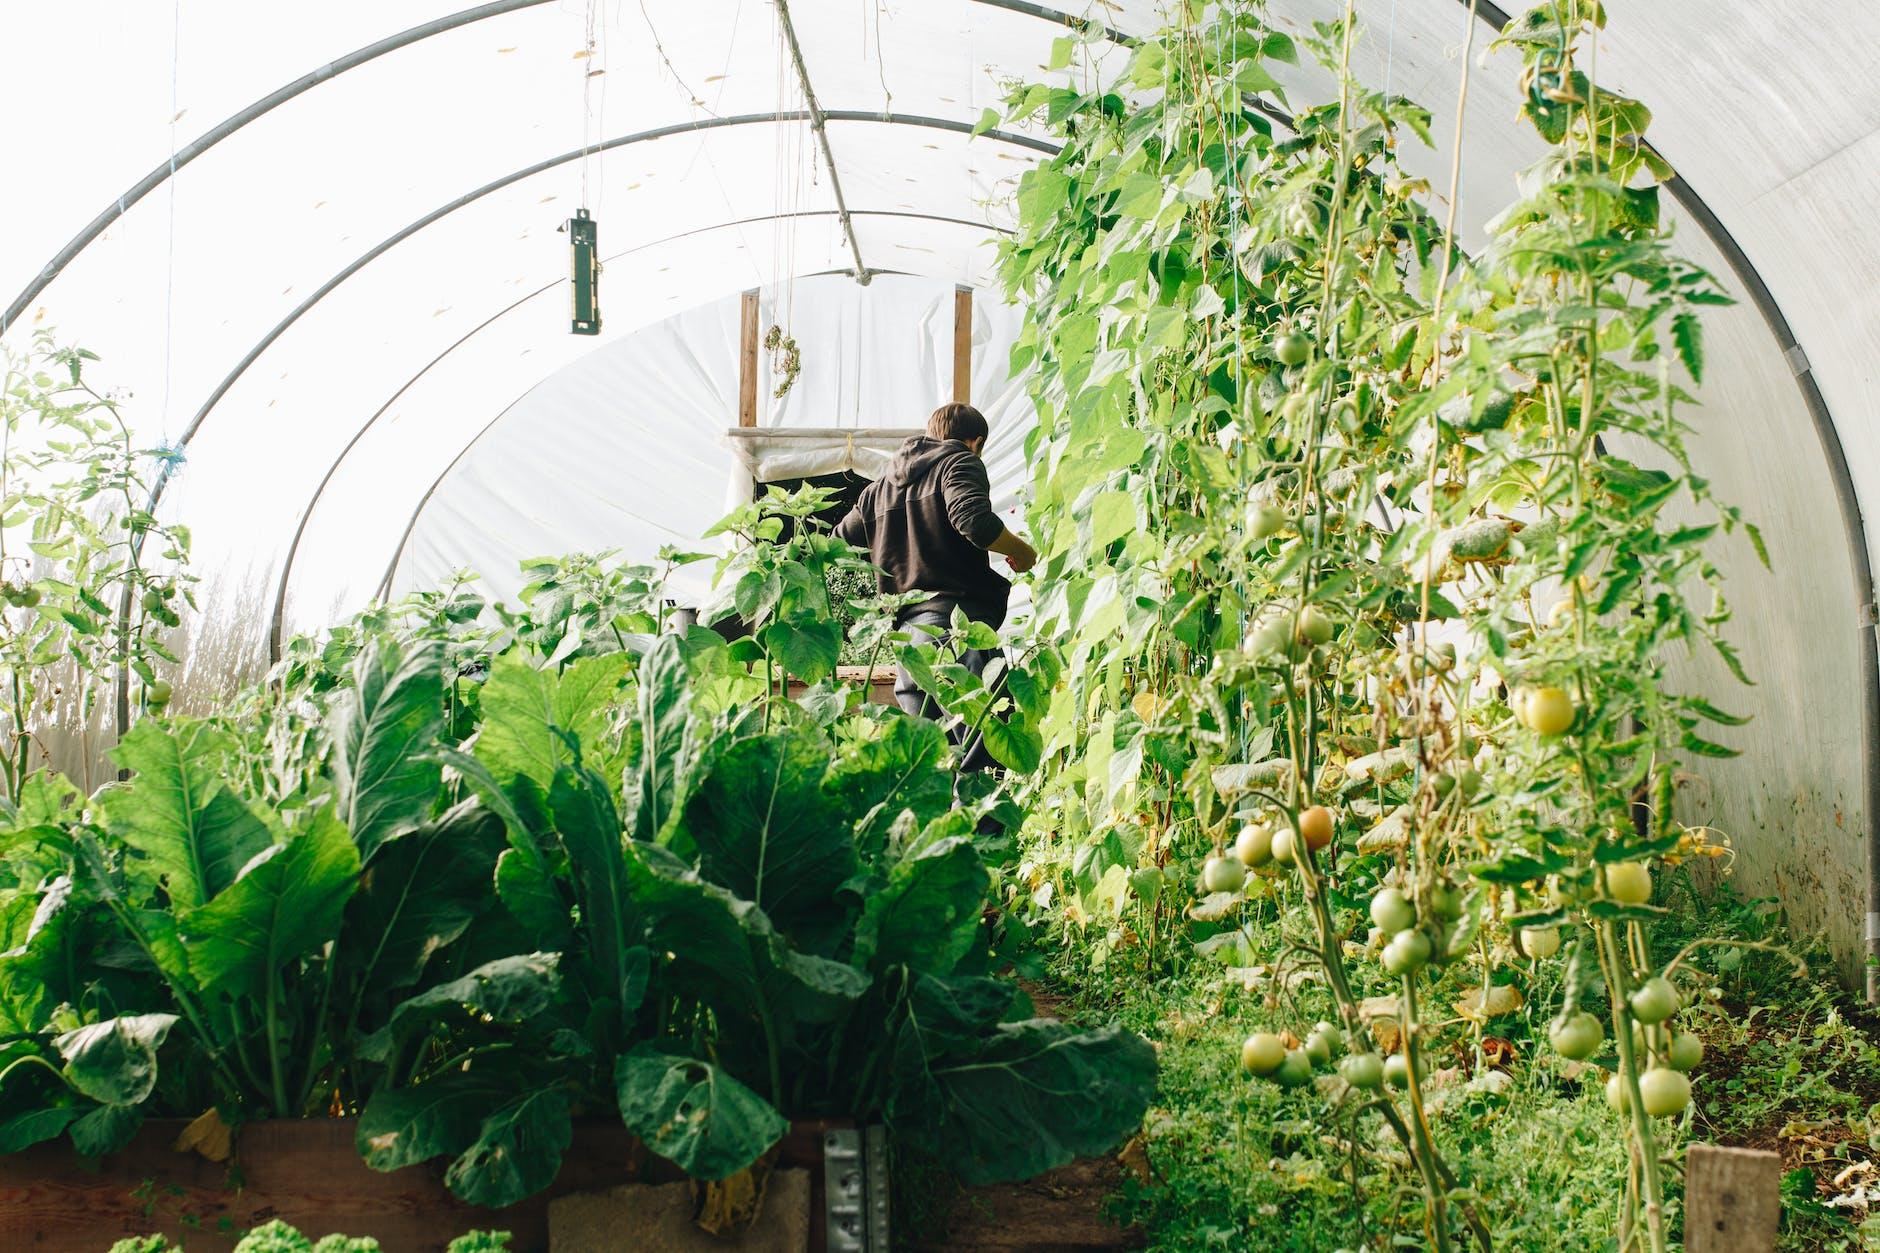 11 Gardening Hacks to Make Life Easier